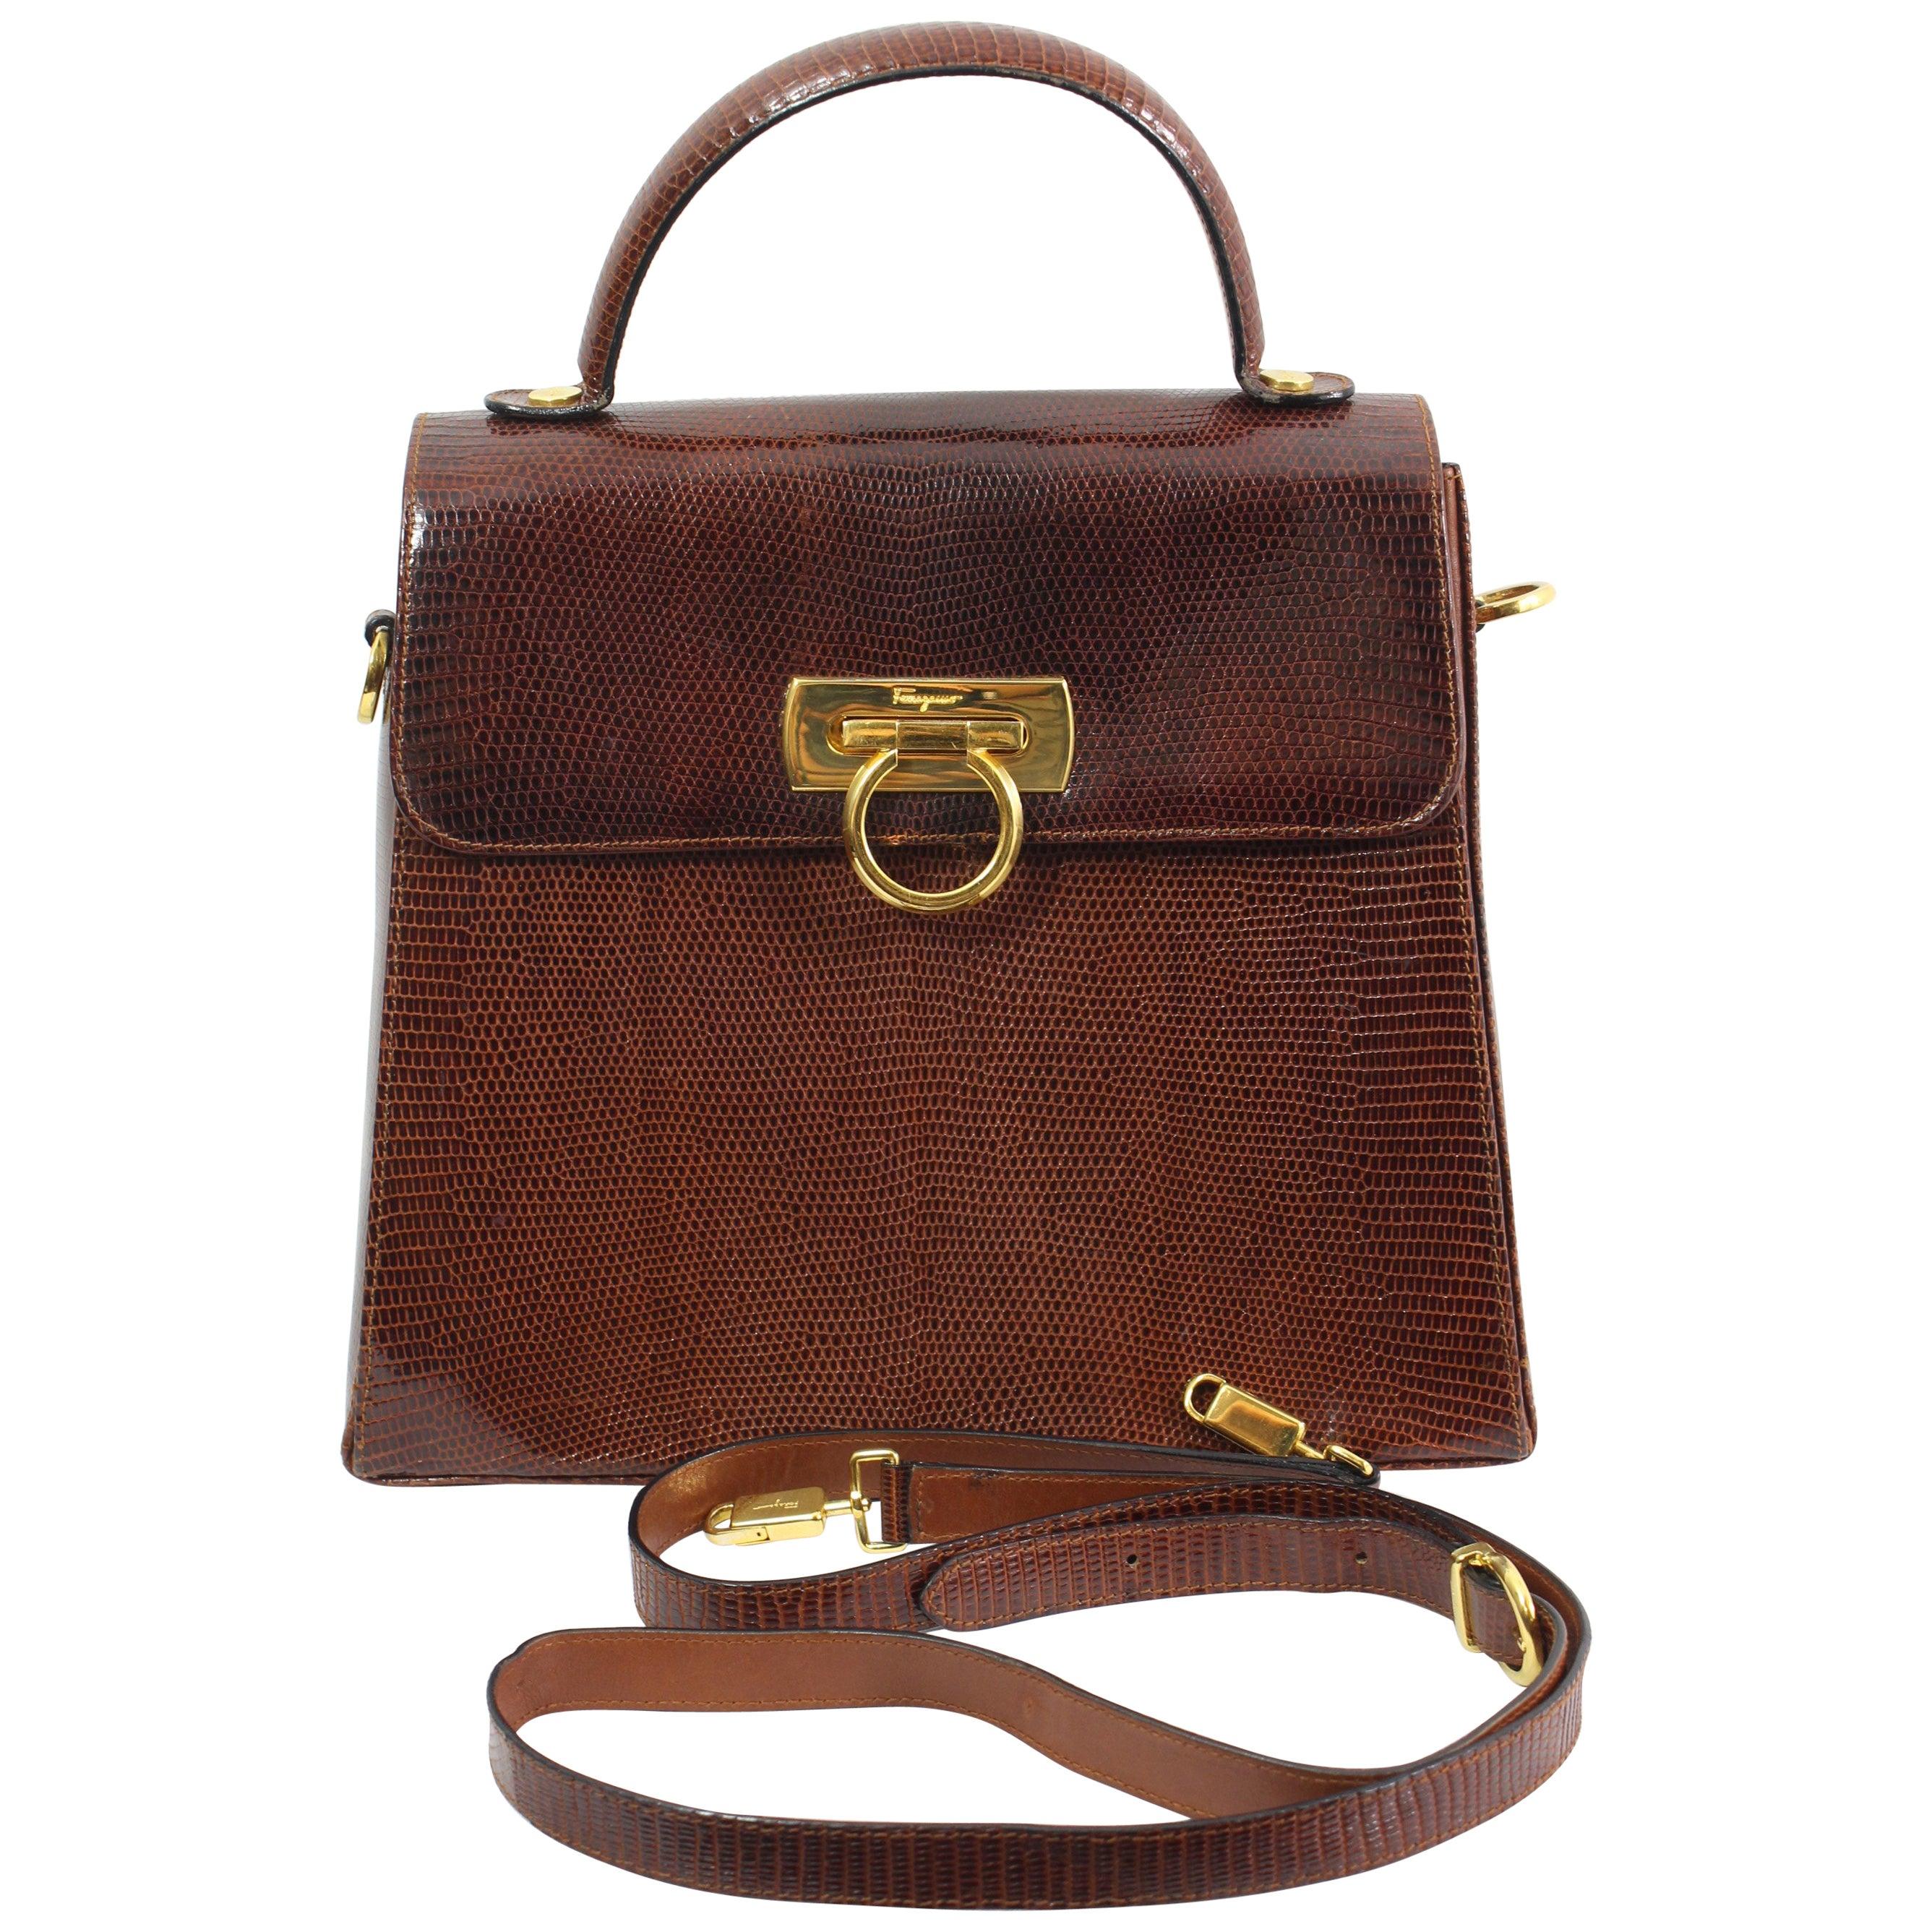 a15ea943a495 Vintage Salvatore ferragamo Lezard Crossbody Bag at 1stdibs